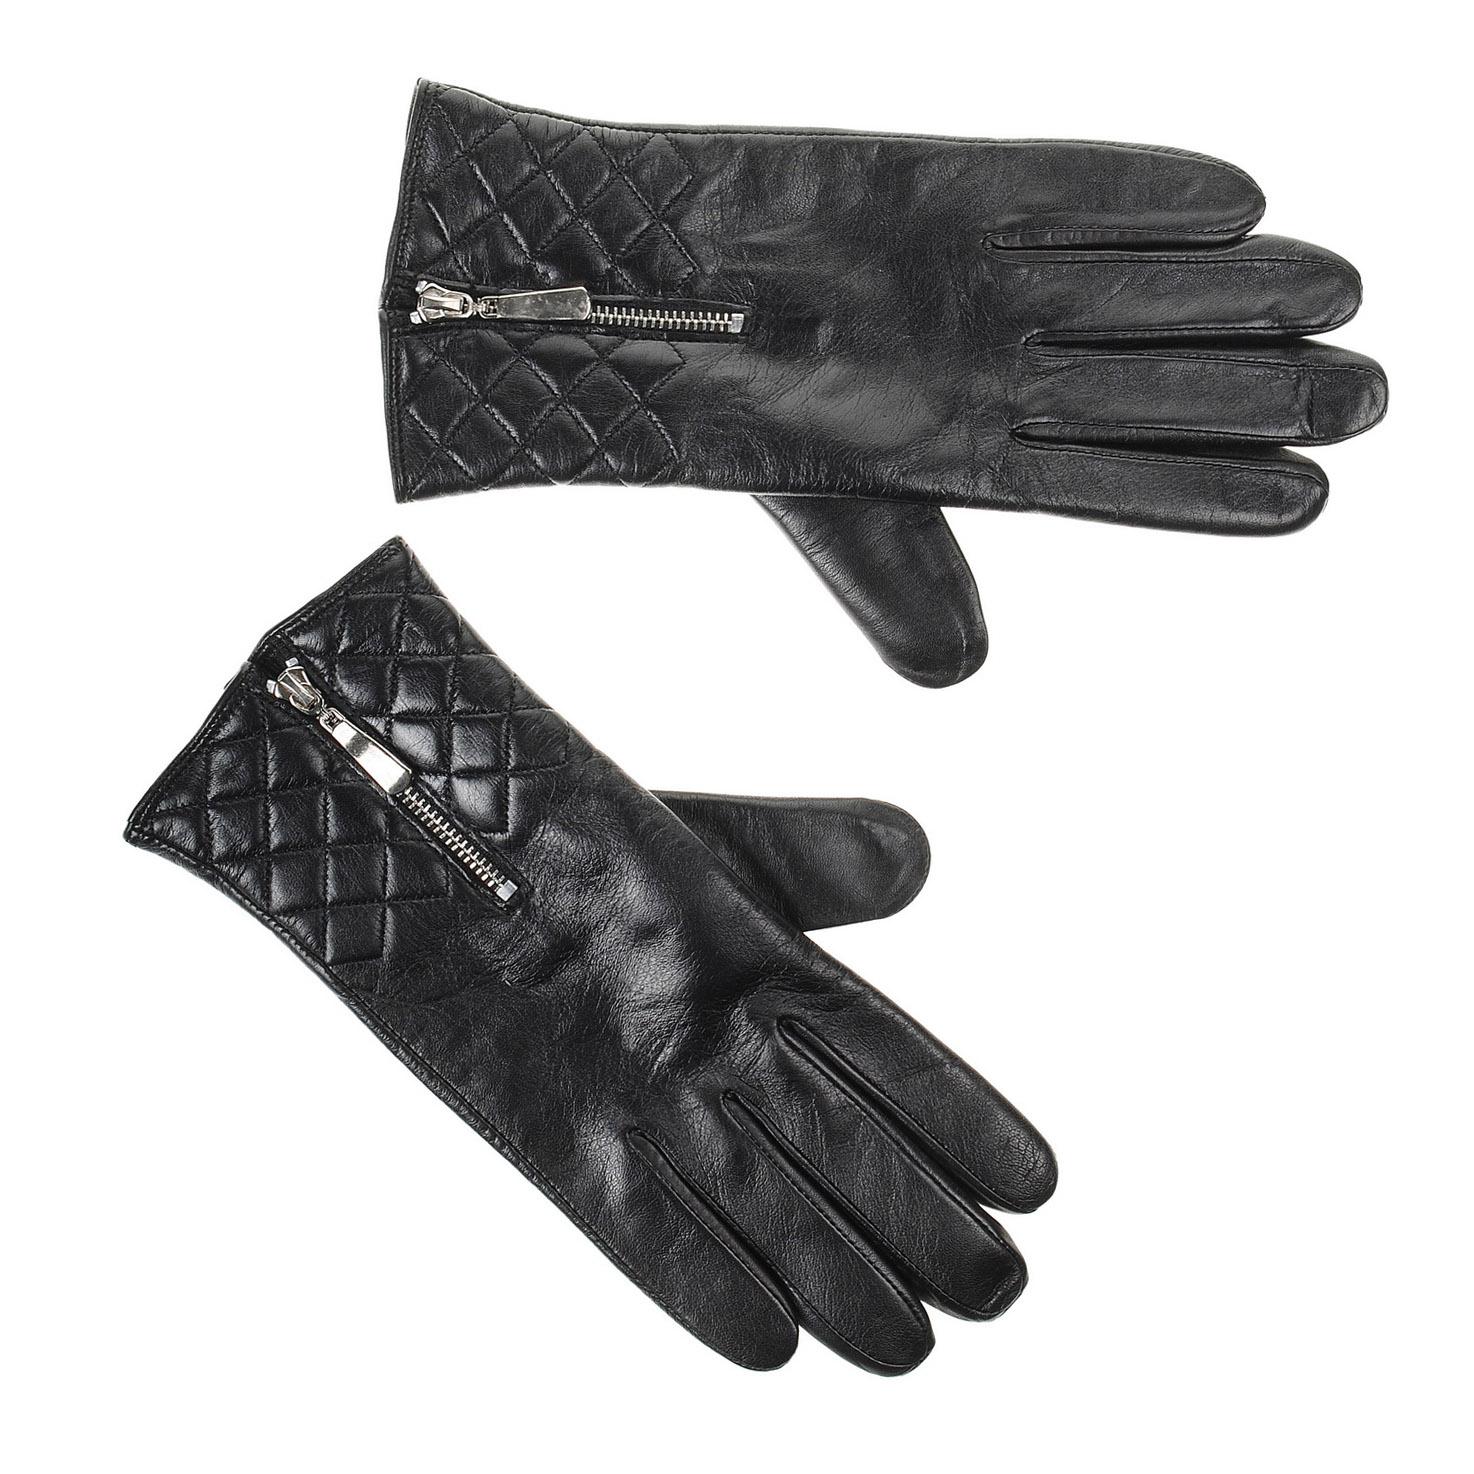 Γυναικεία Δερμάτινα Γάντια Guy Laroche 98865 γυναικα   γυναικείο γάντι